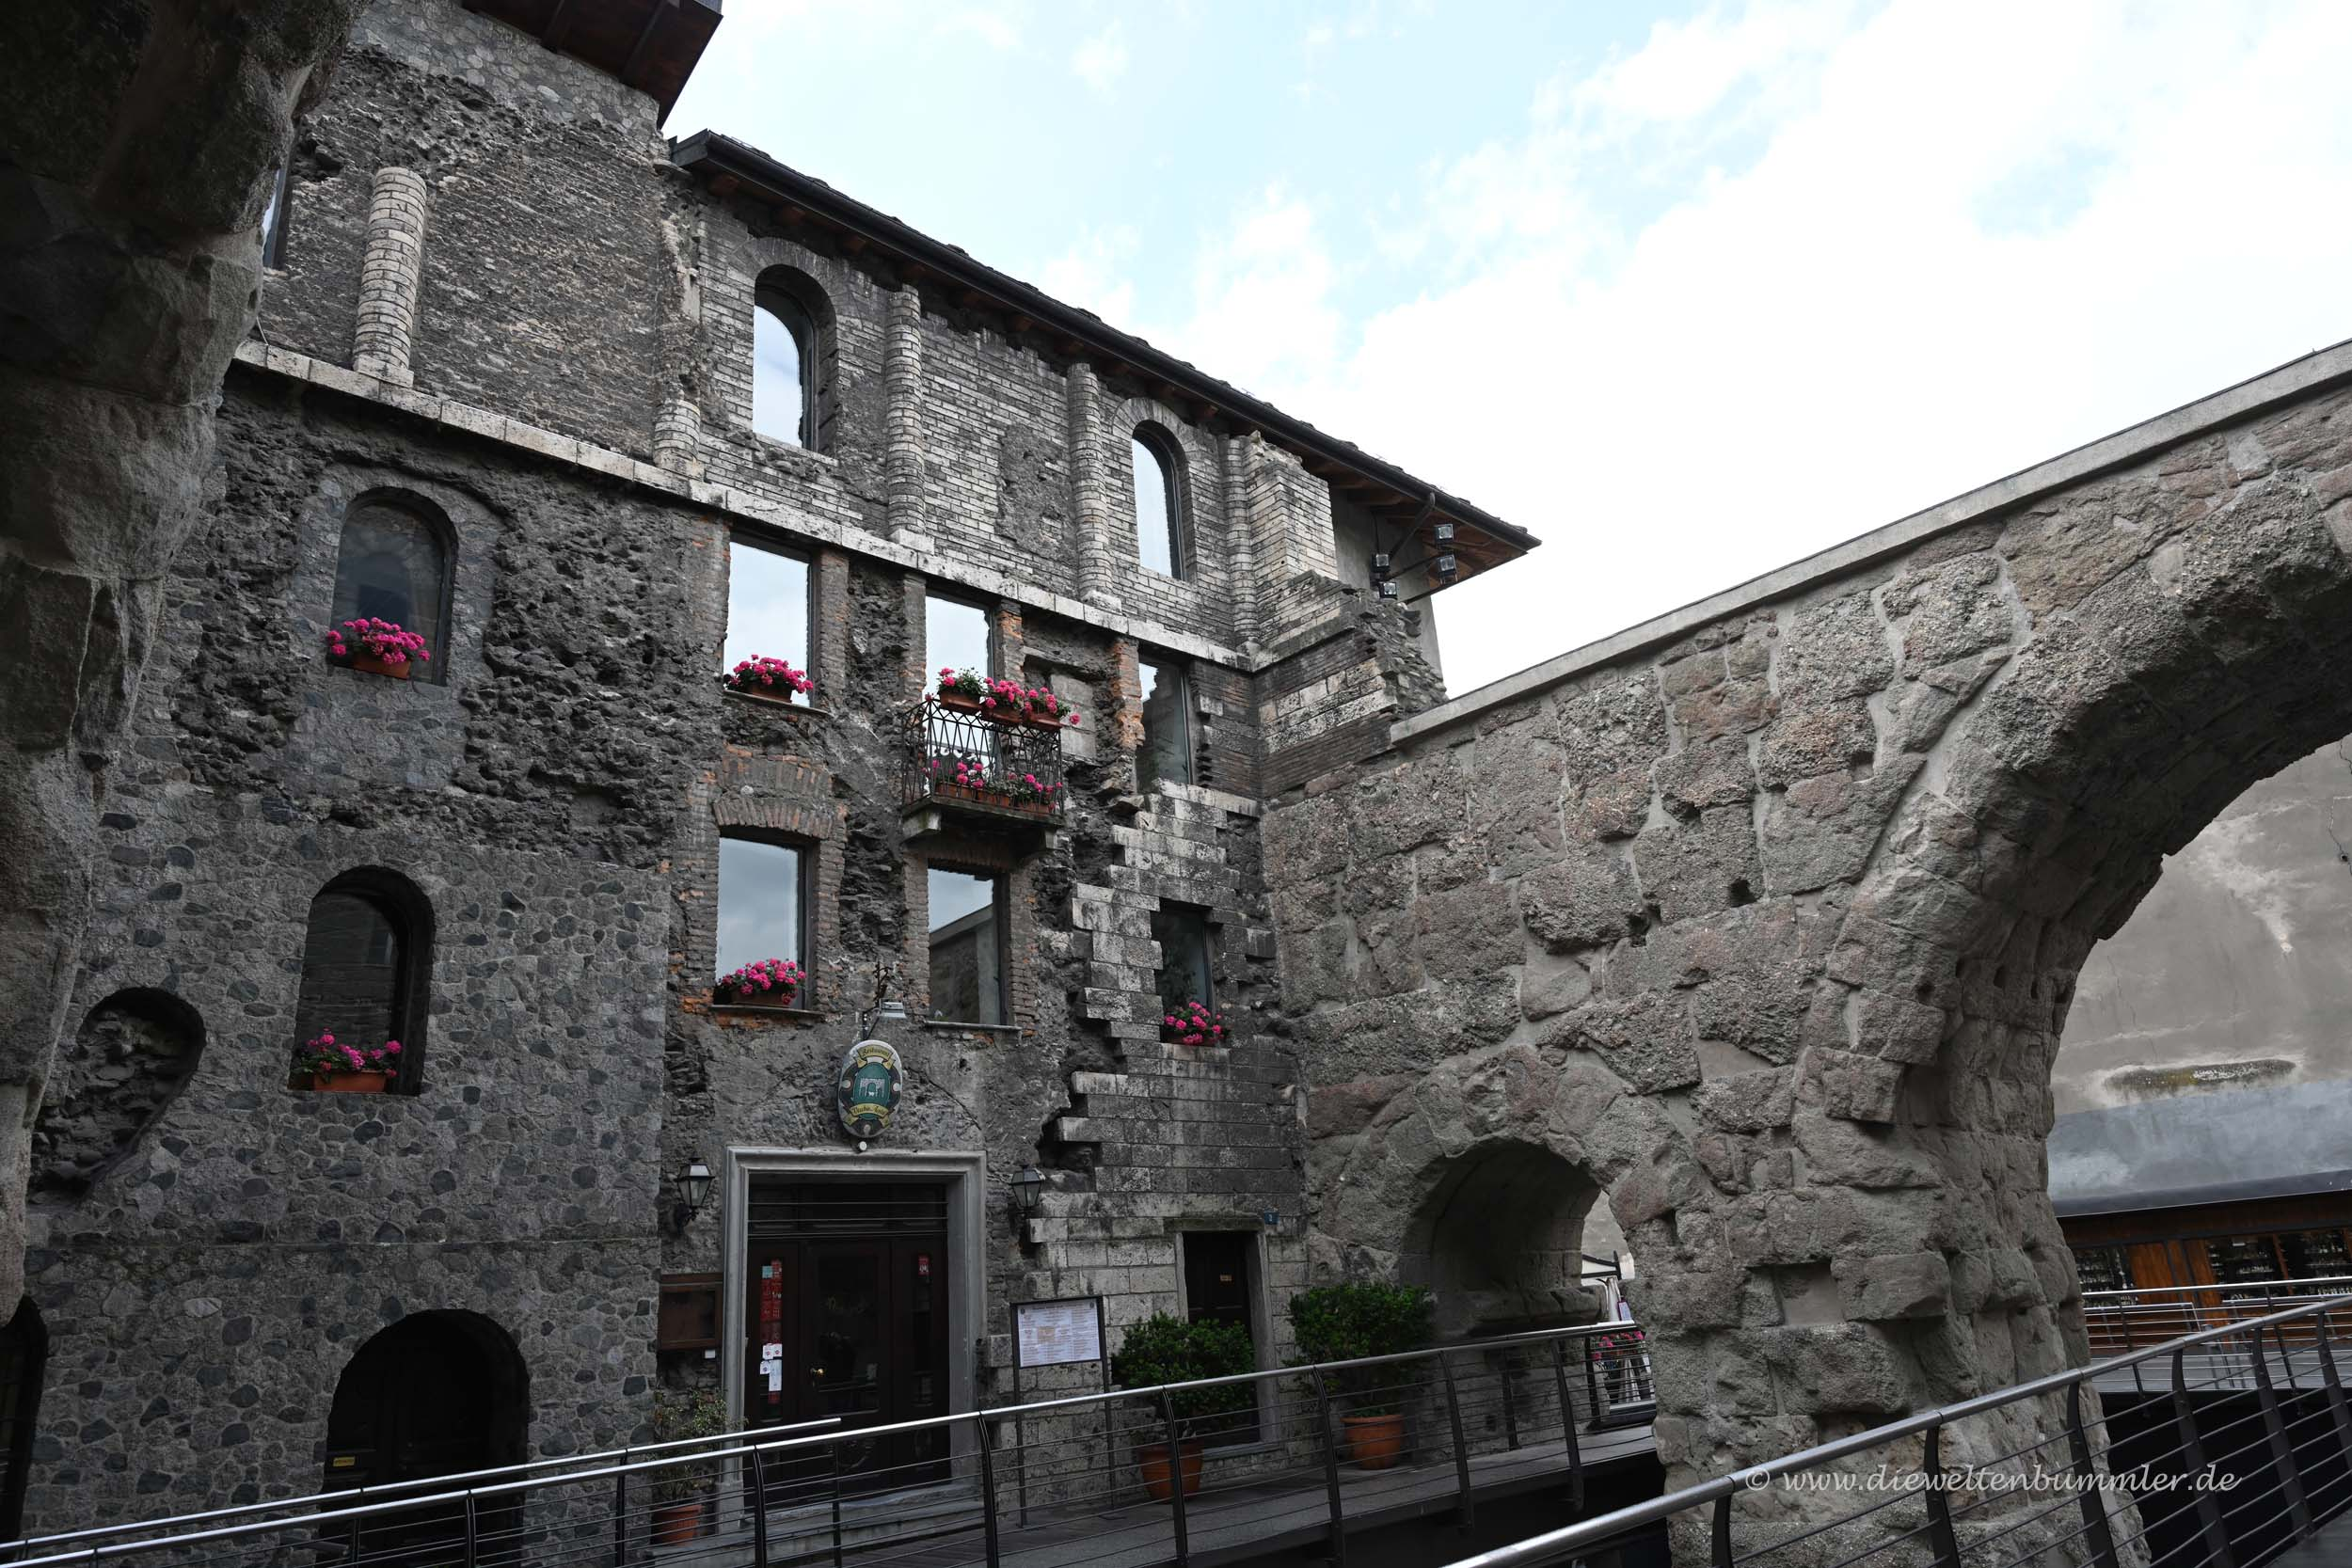 Römische Spuren in Aosta